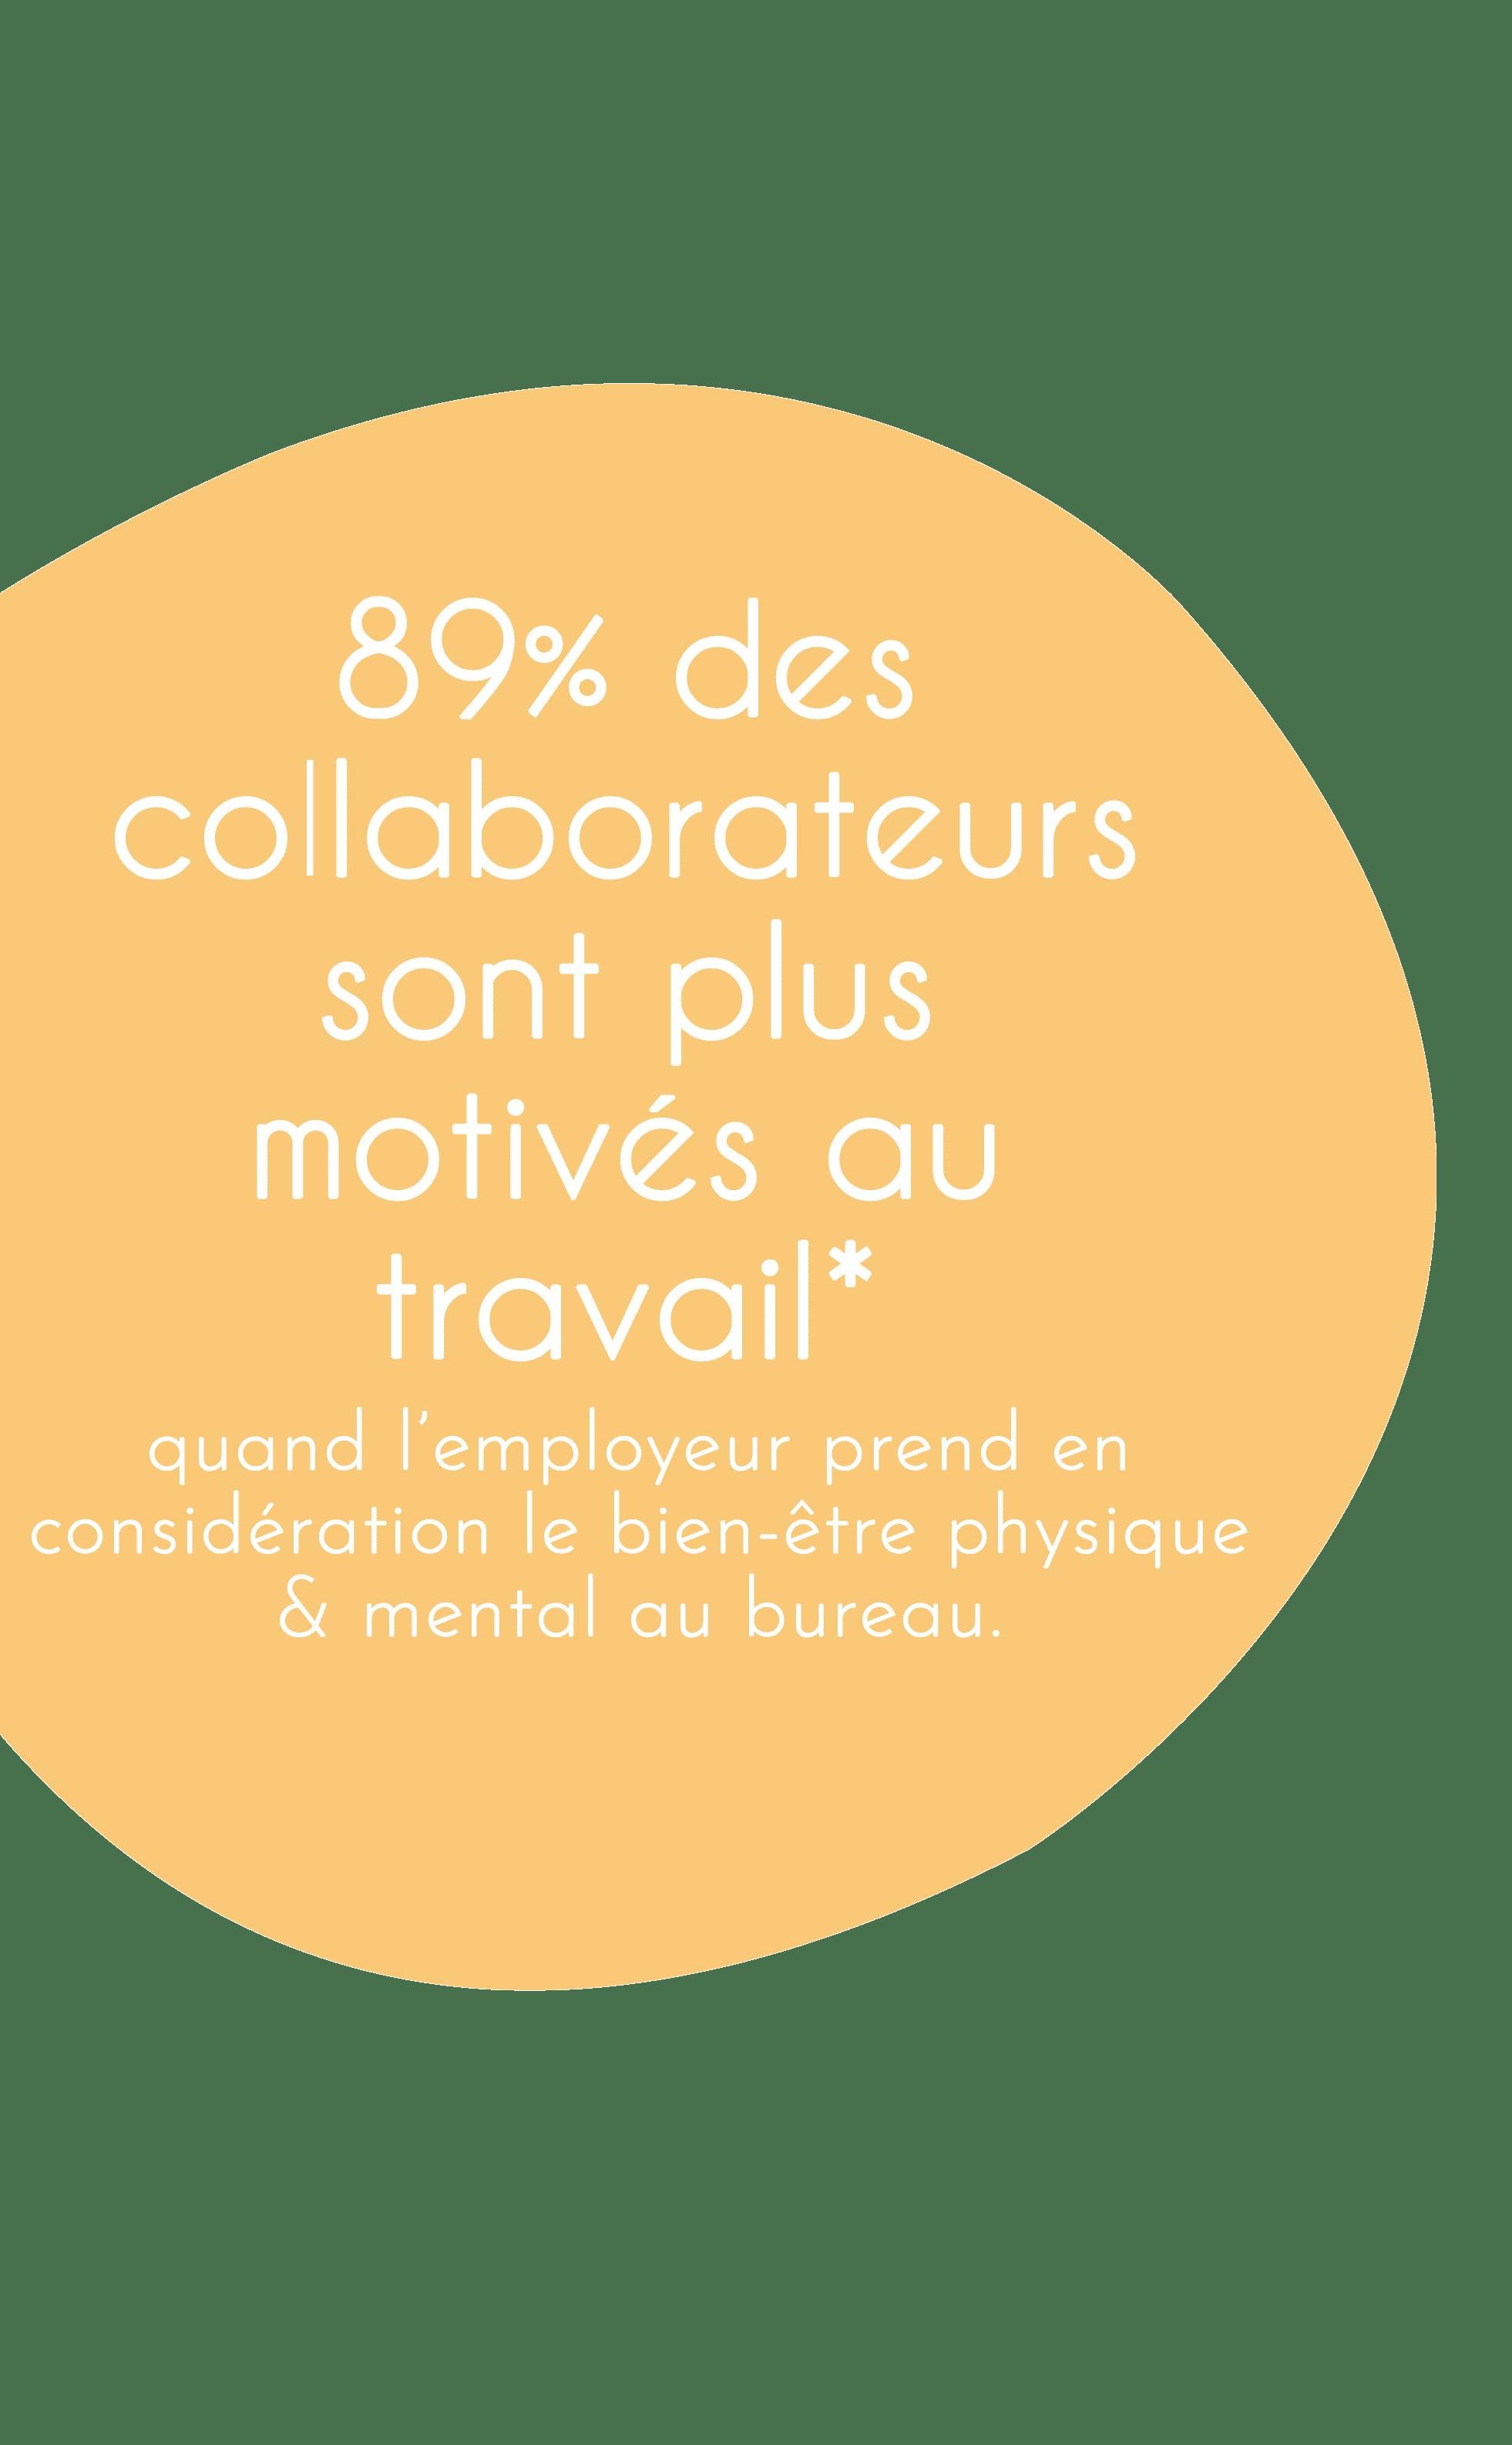 Statistiques QVT - Bien-être au travail au coeur des entreprises